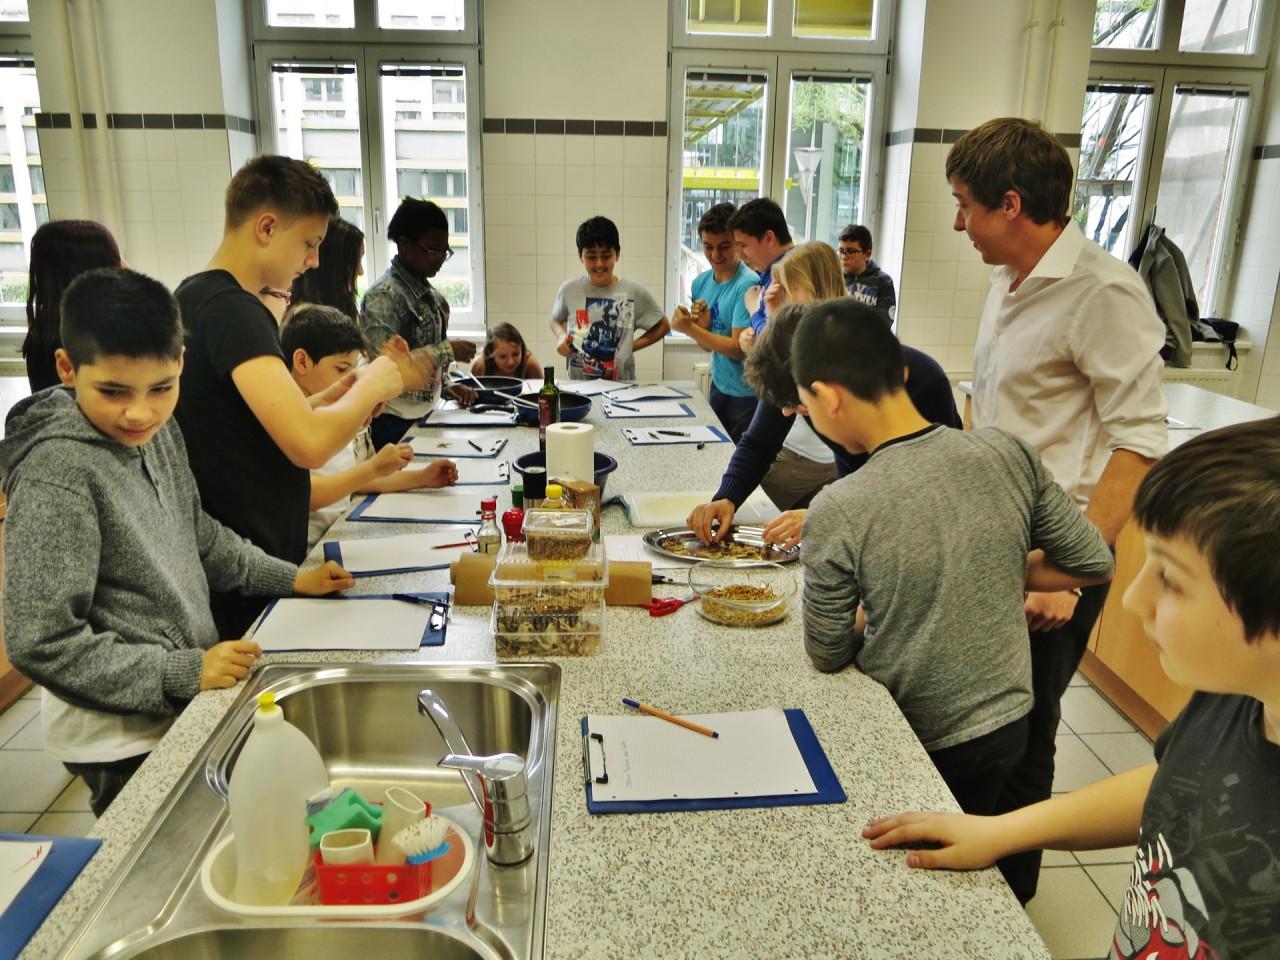 Bei unserem ersten Schul-Workshop konnten wir erfahren, dass Kinder überhaupt keine Probleme mit diesem neuartigen Lebensmittel haben.